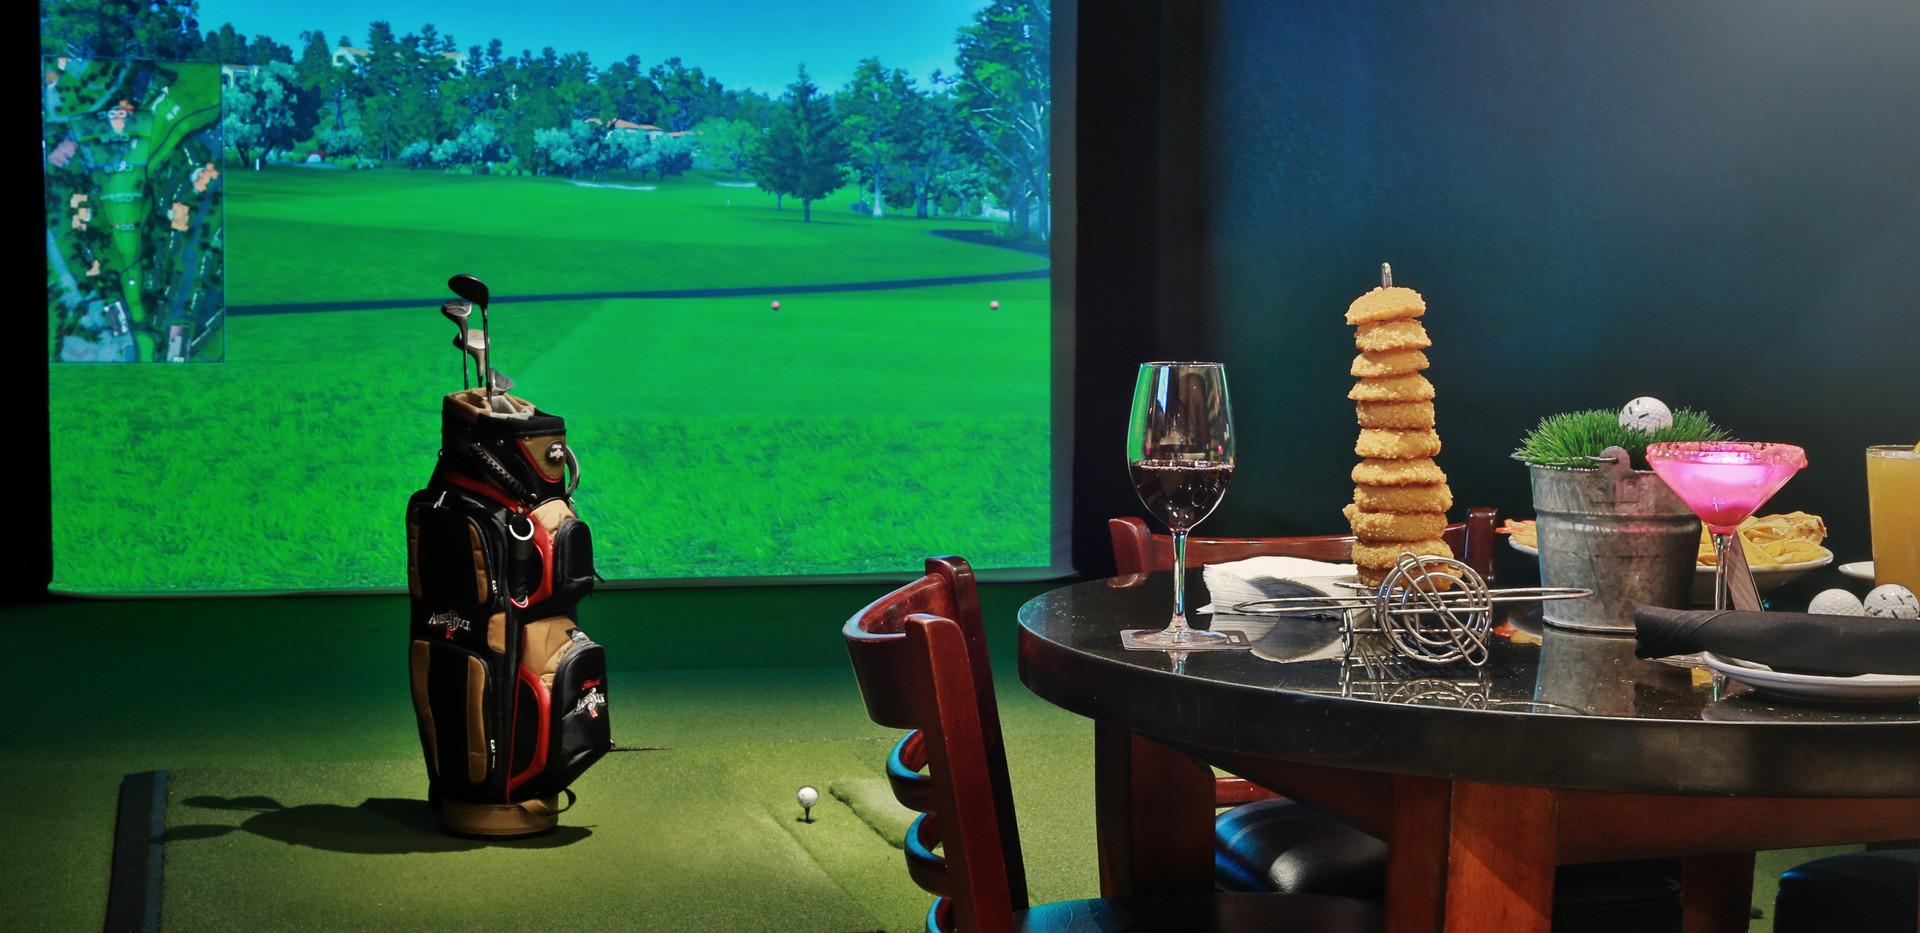 Maggie Mcflys Indoor Virtual Golf.jpg